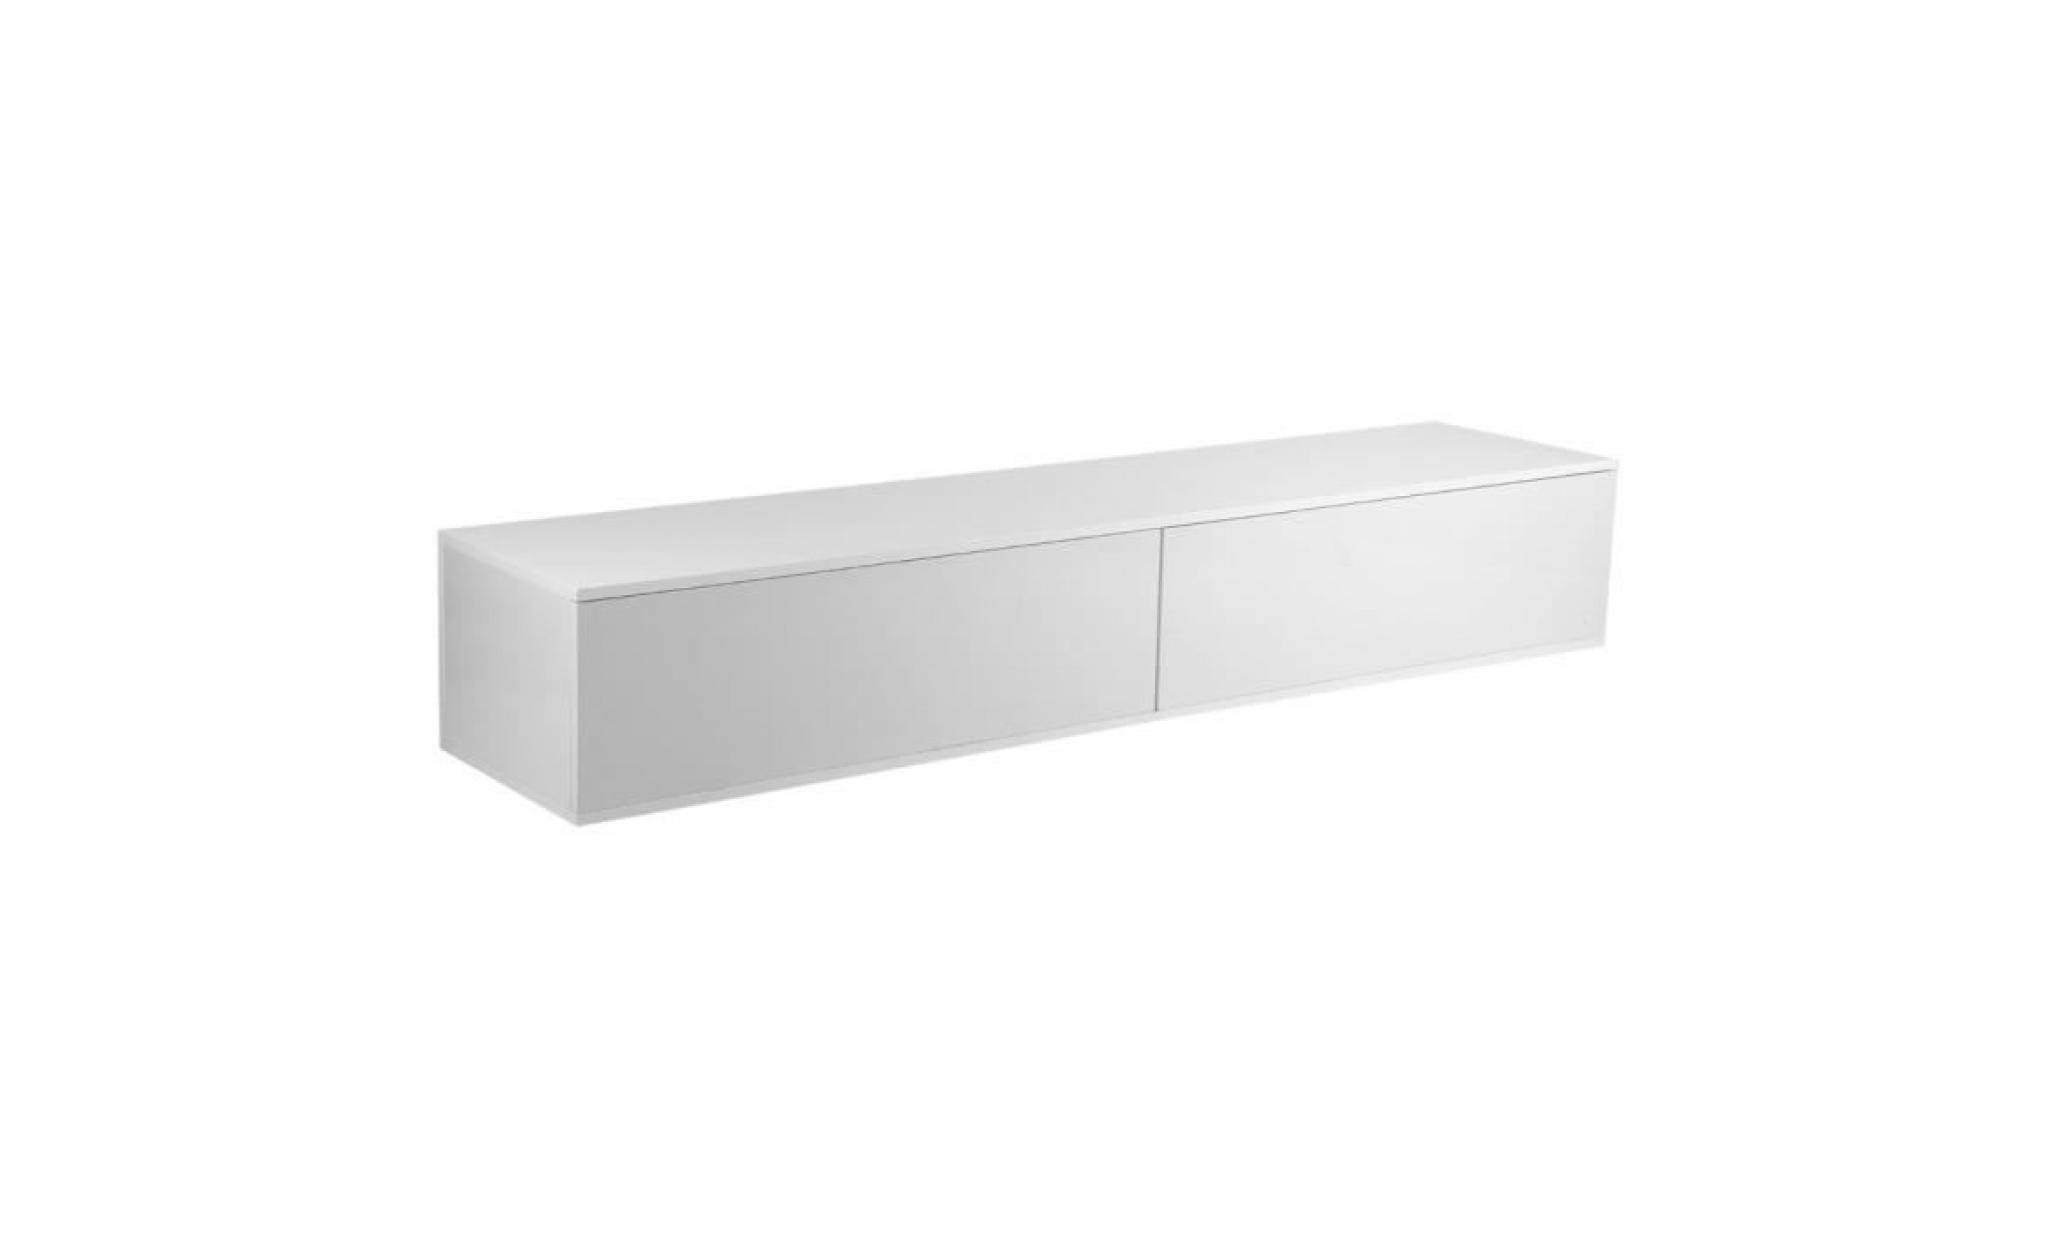 meuble tv style simple 182 40 30cm decoration de meuble blanc achat vente meuble tv pas cher couleur et design fr